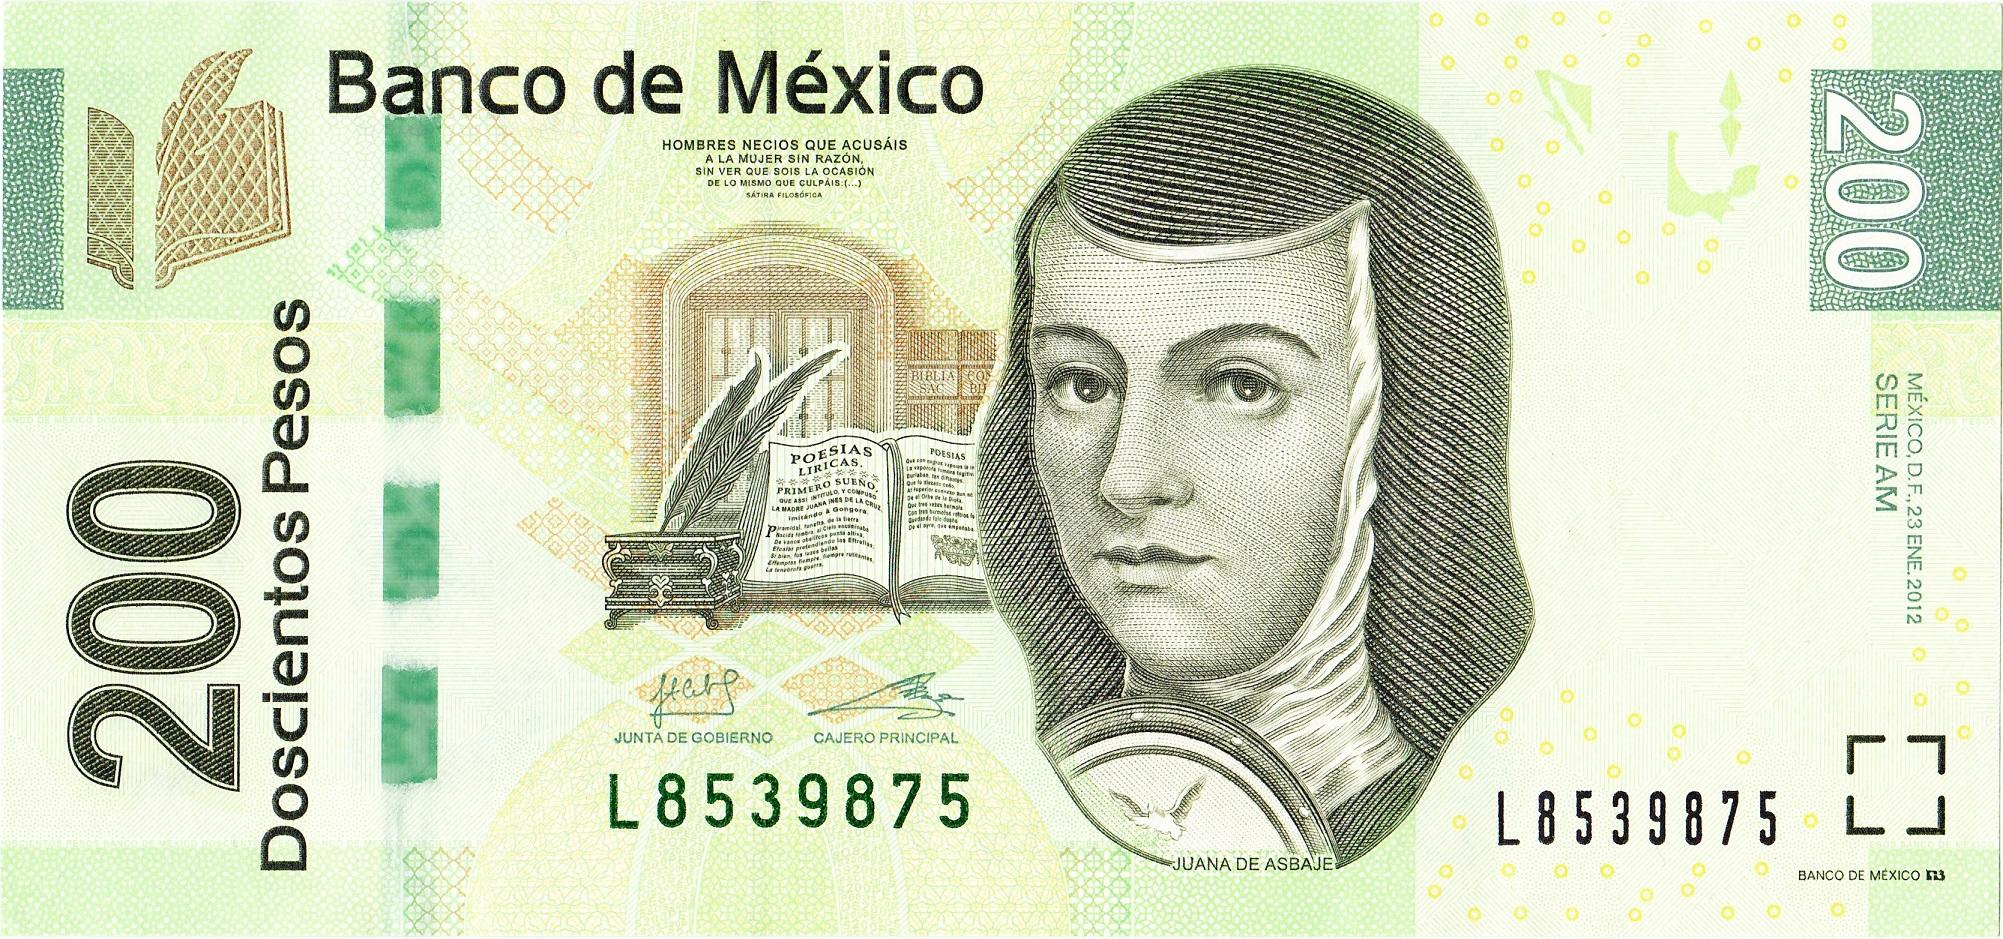 в мексике знаком доллар это песо